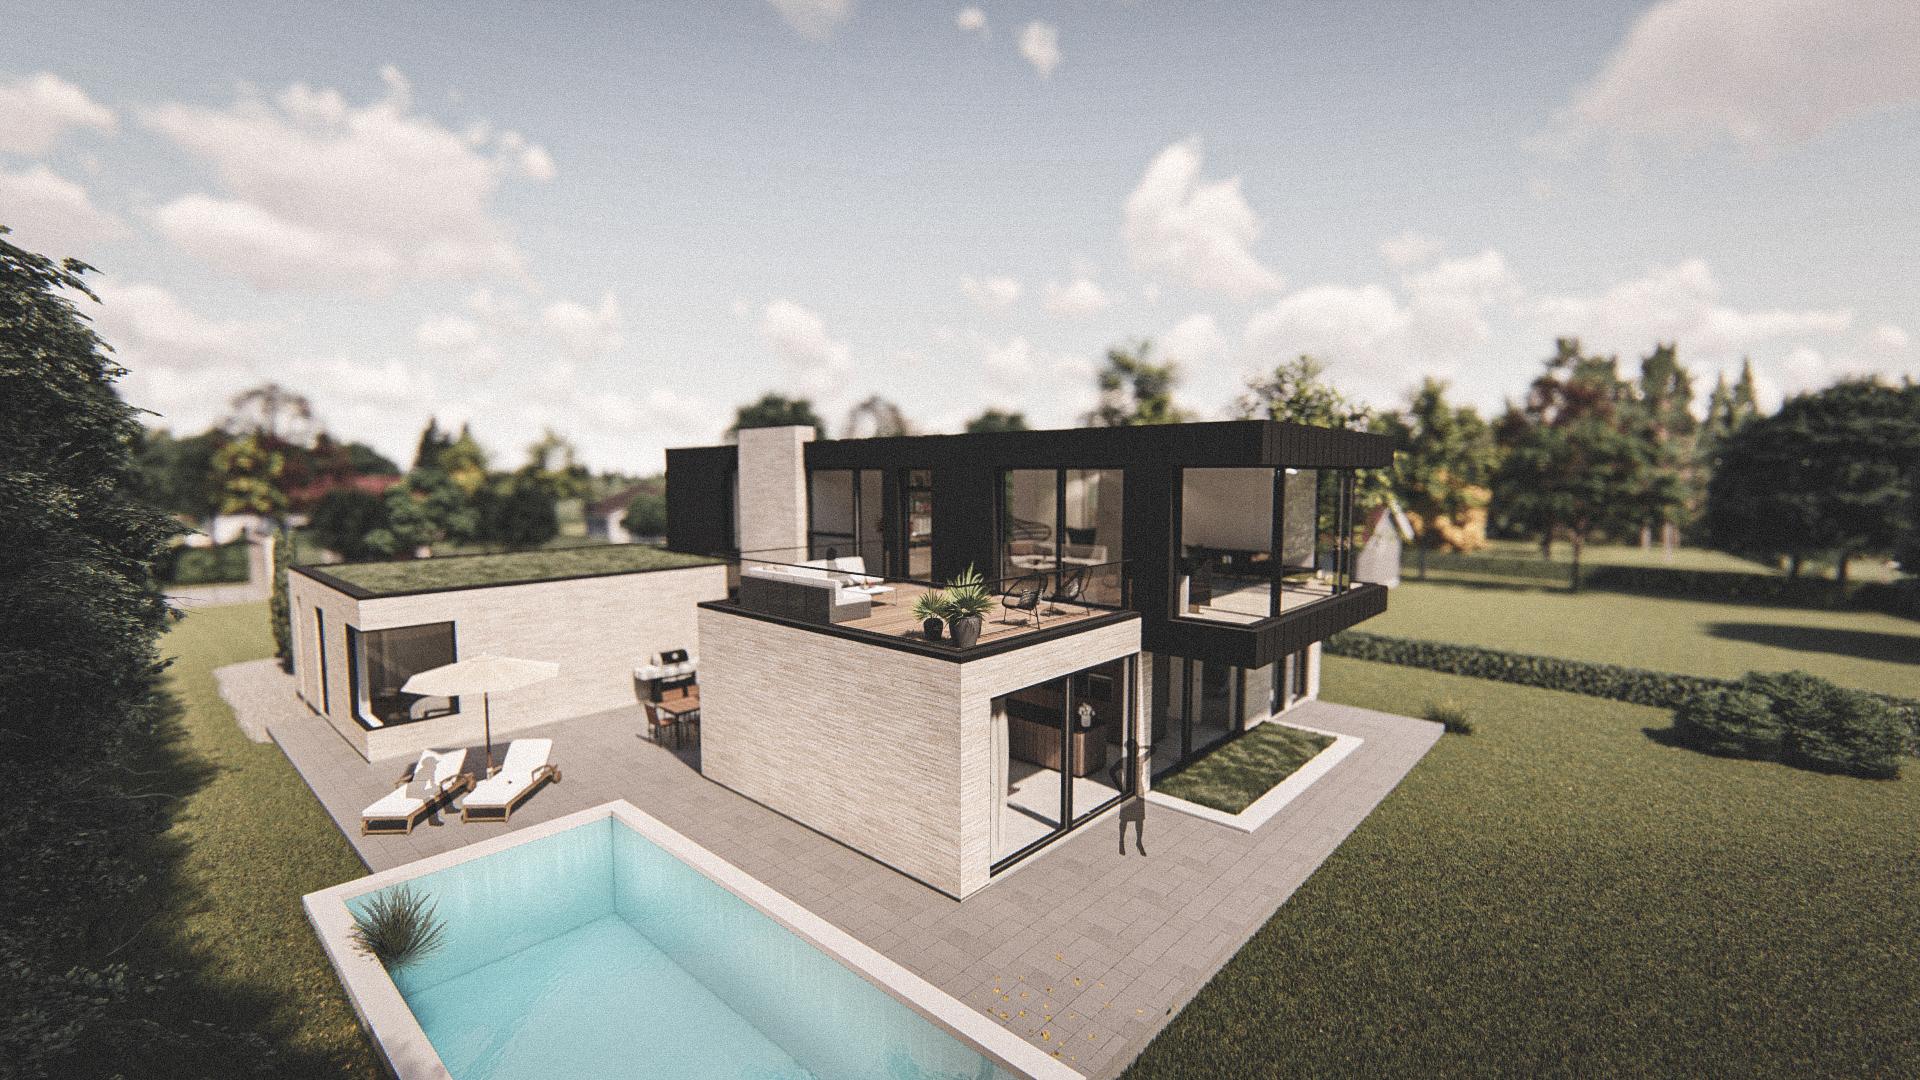 Billede af et arkitekt tegnet projektforslag af ny drømme villa på Faxe ladeplads, af det danske arkitektfirma m2plus